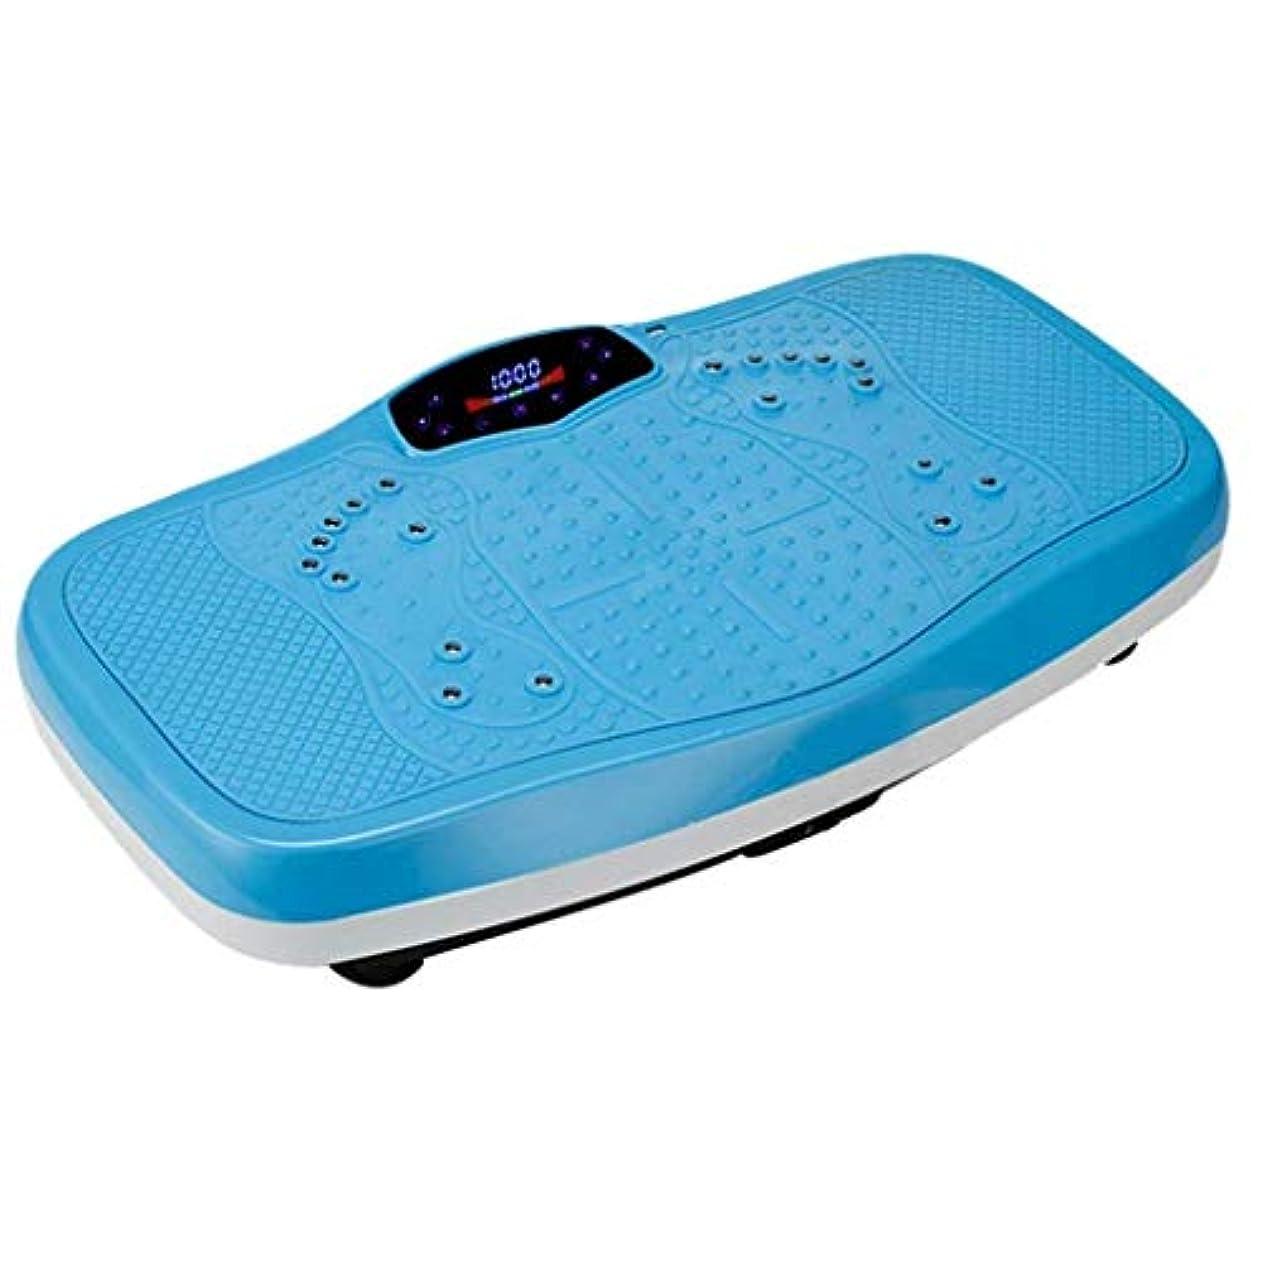 添加剤神経衰弱フェッチ減量機、運動振動フィットネス形状体重減量機、Bluetoothスピーカー、家族/ジムに適し、ホームオフィス減量 (Color : 青)